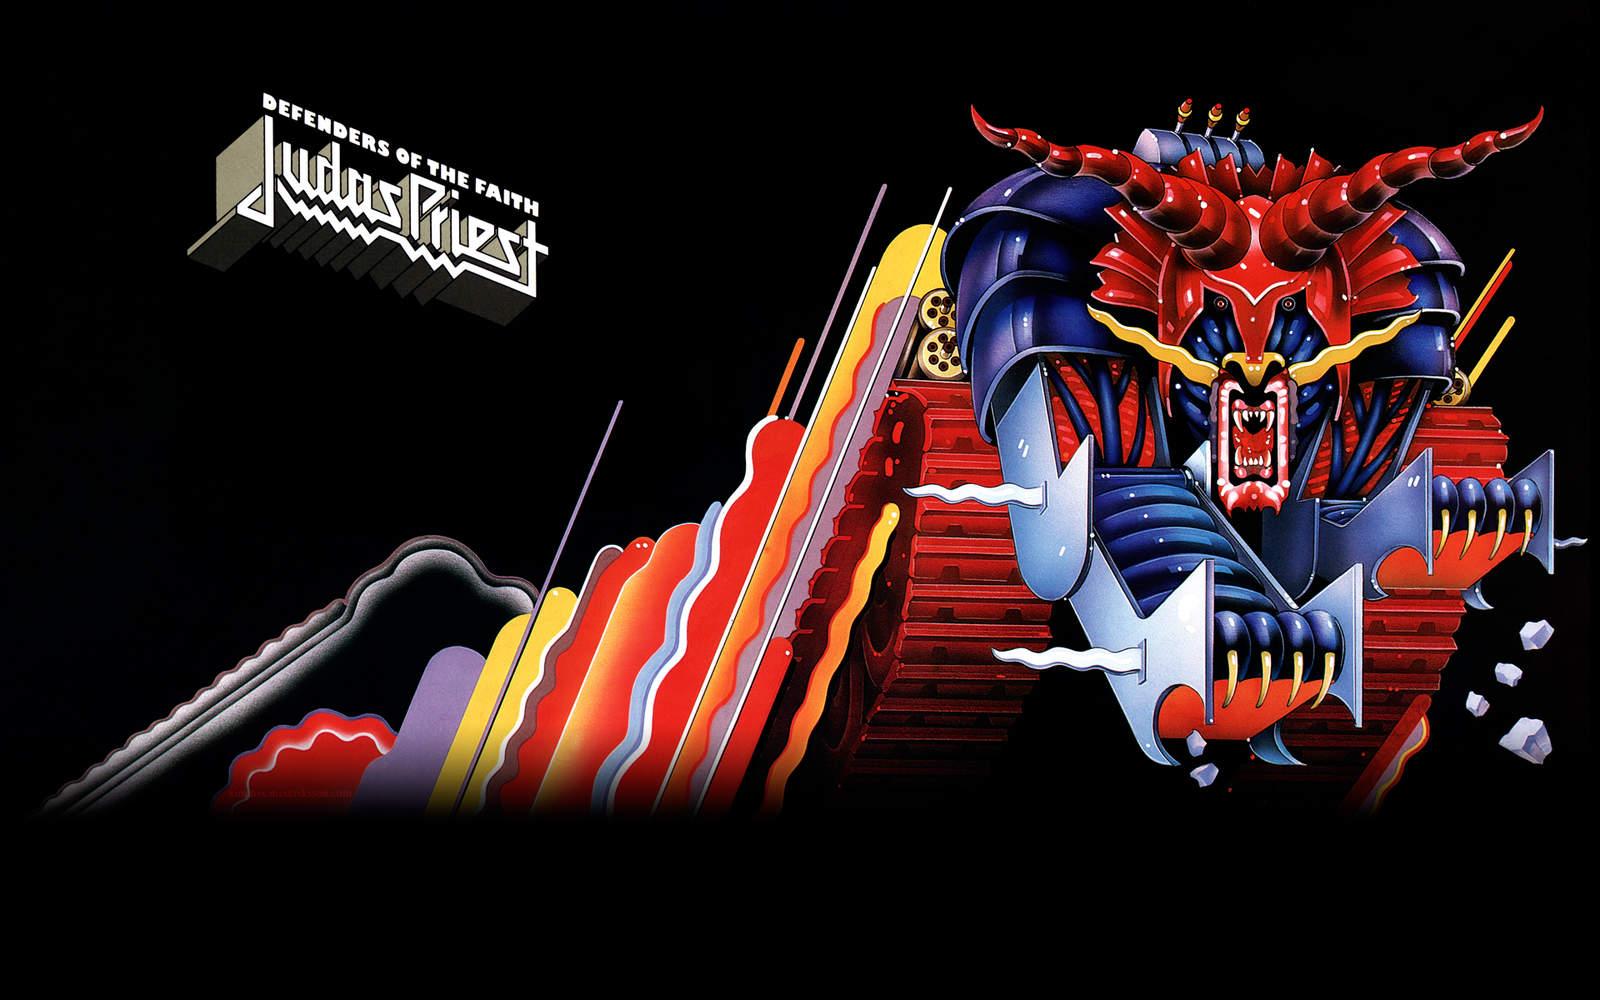 http://uploads.bmxmuseum.com/user-images/152/wp_judas_priest_defenders_of_the_faith_logo_1920x1200px_2_100423140701_2576c2554a0.jpg